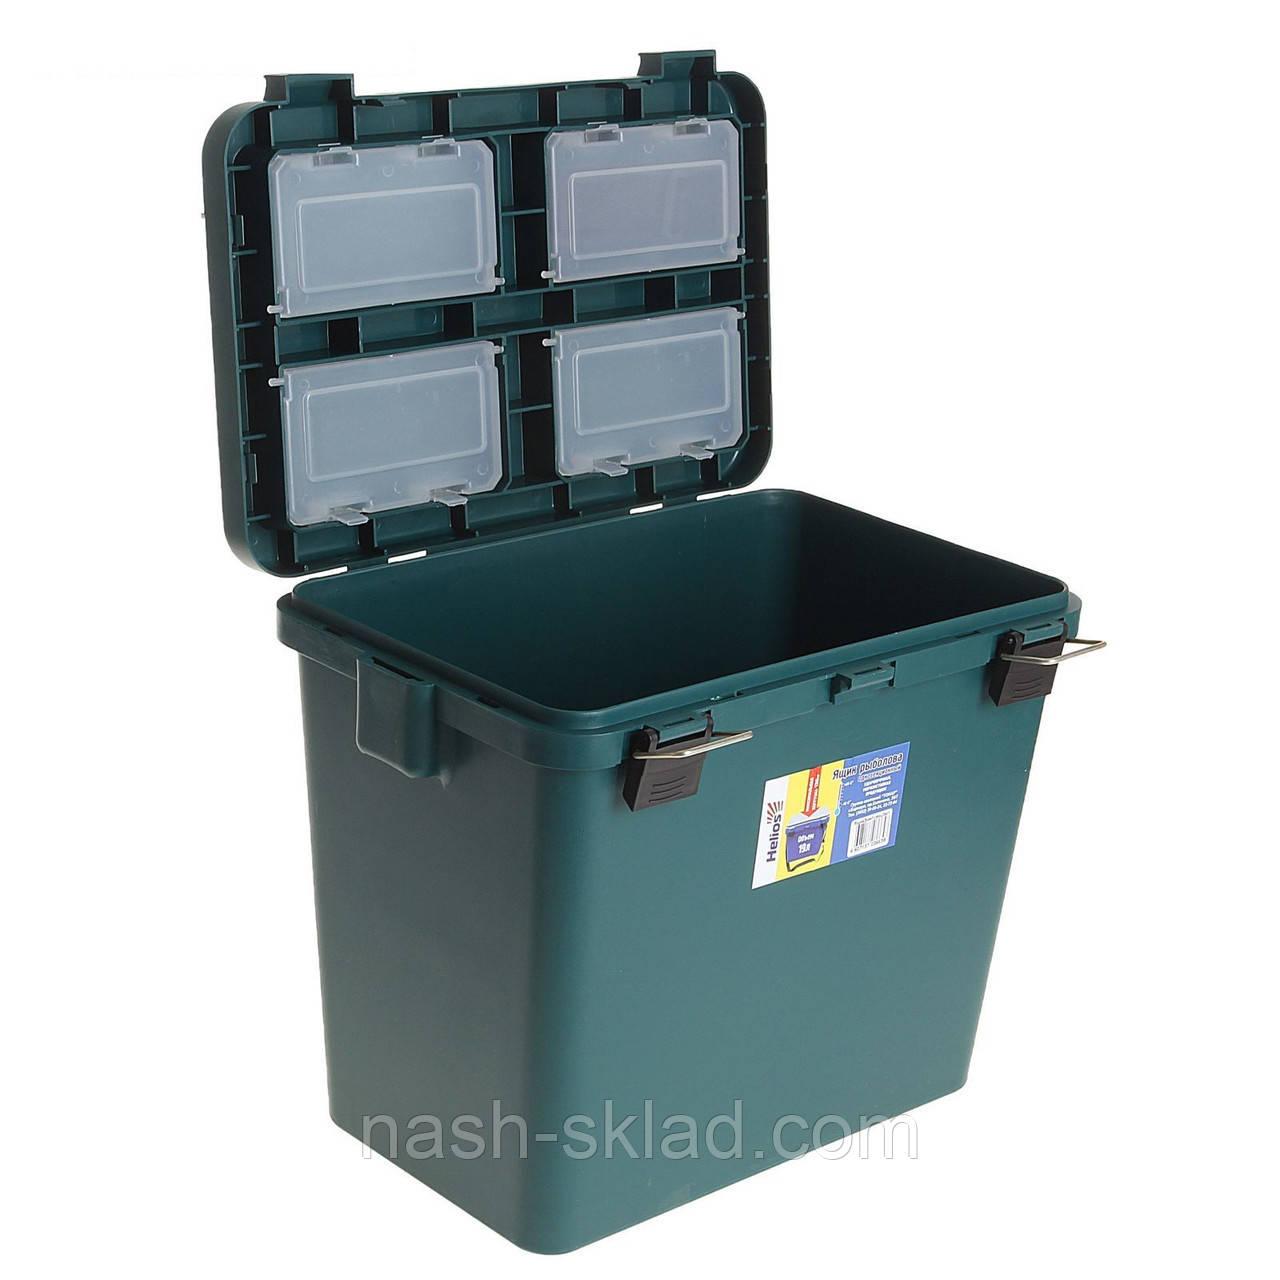 Ящик для зимней рыбалки Тонар односекционный, ОРИГИНАЛ, ПОДАРОК РЫБАКУ, в наличии 3 цвета